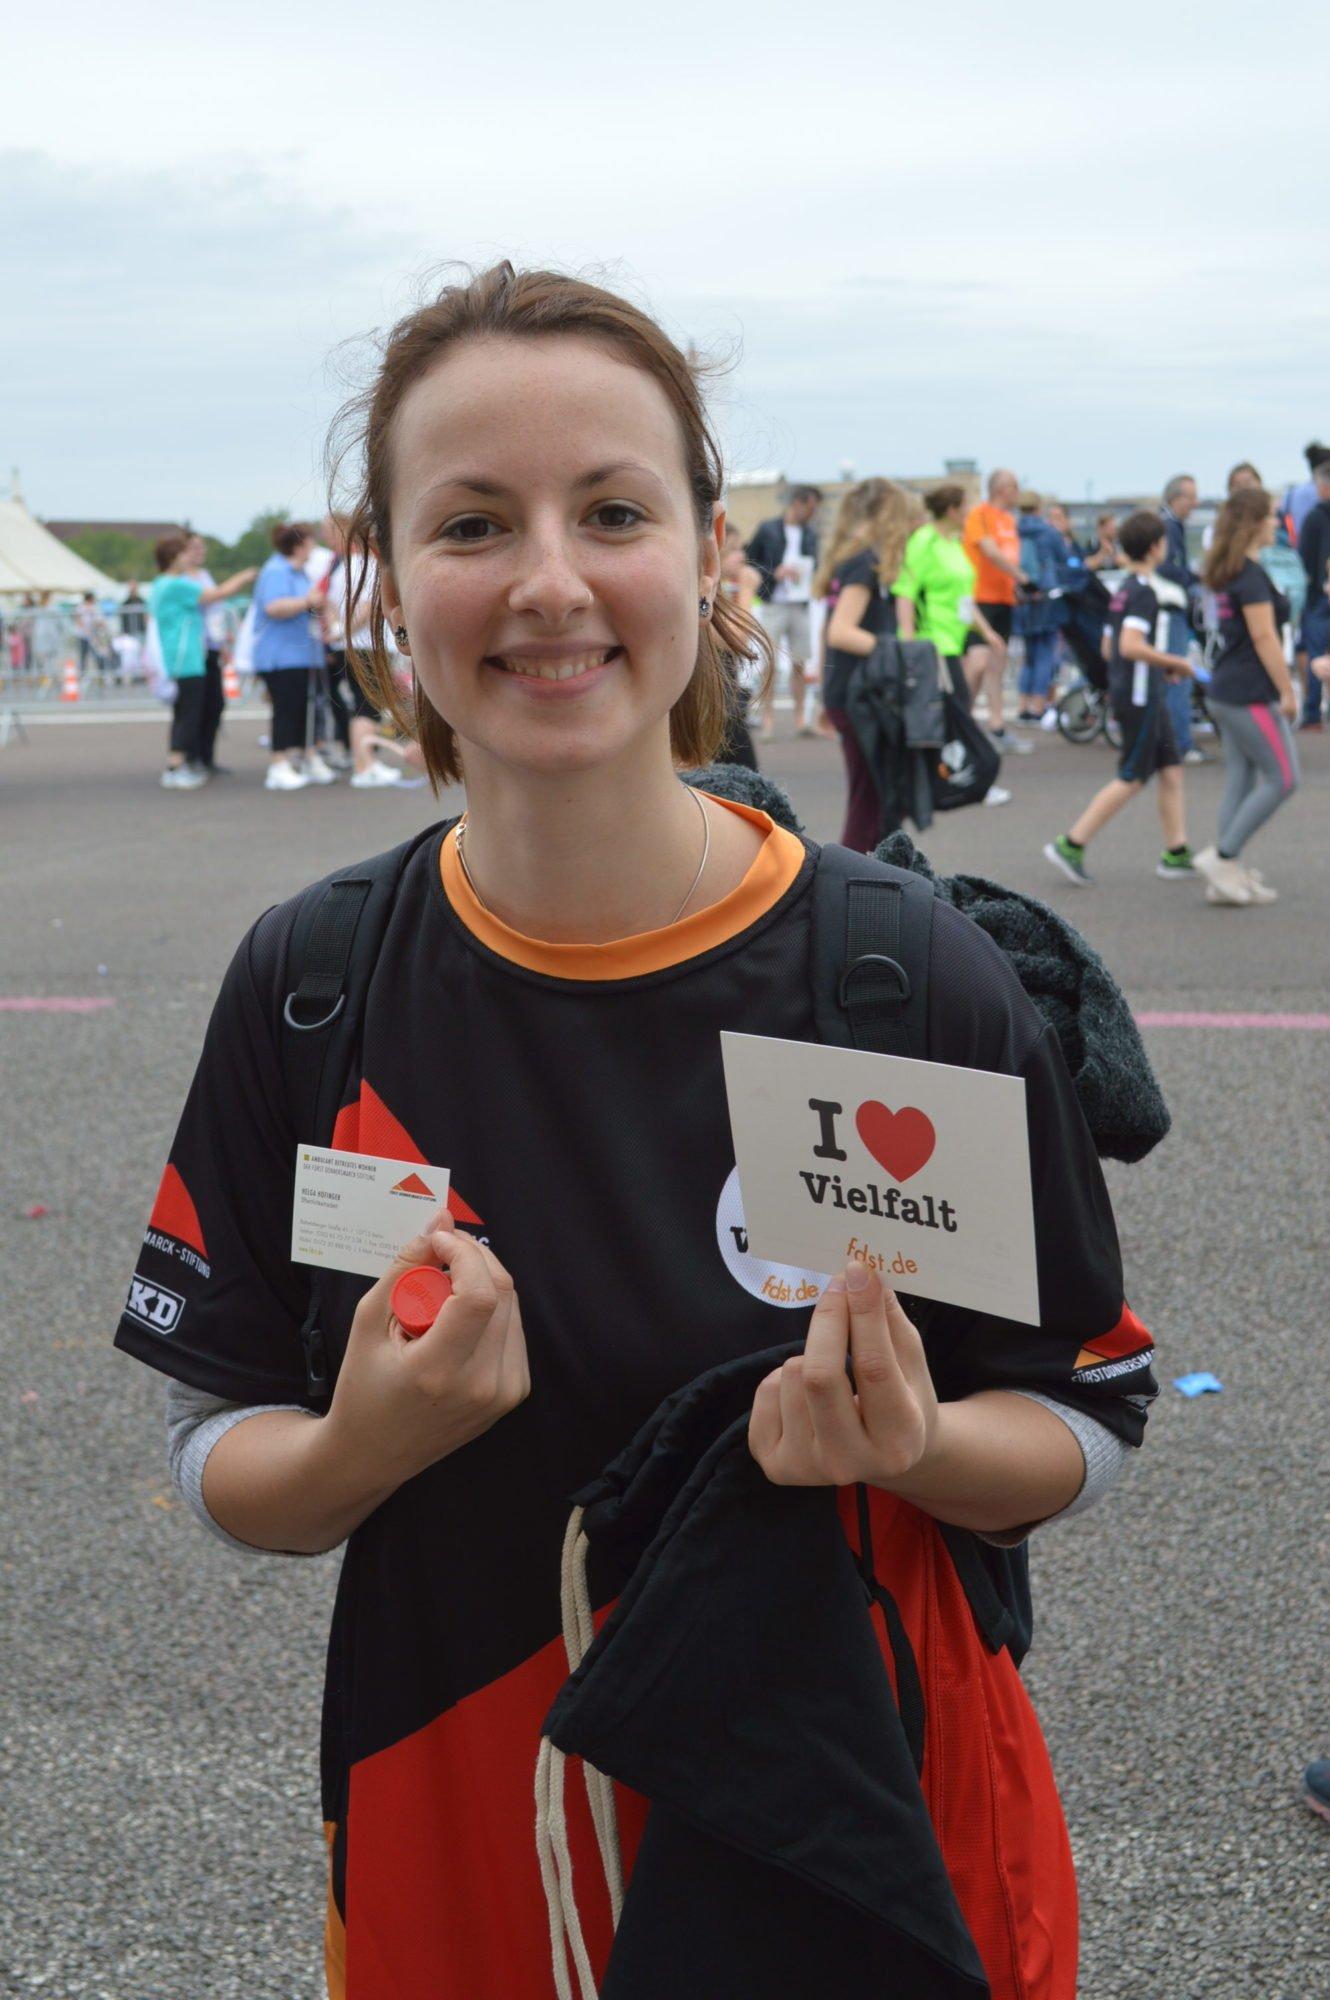 Eine junge Frau hält eine I love VIelfalt Karte nach oben, trägt eines unserer Team-Shirts und lächelt.